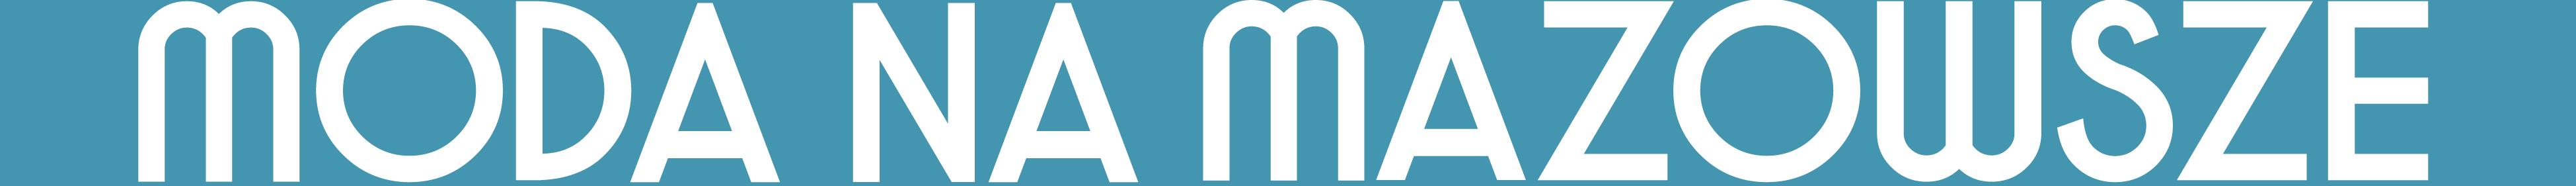 modanamazowsze.pl - logo